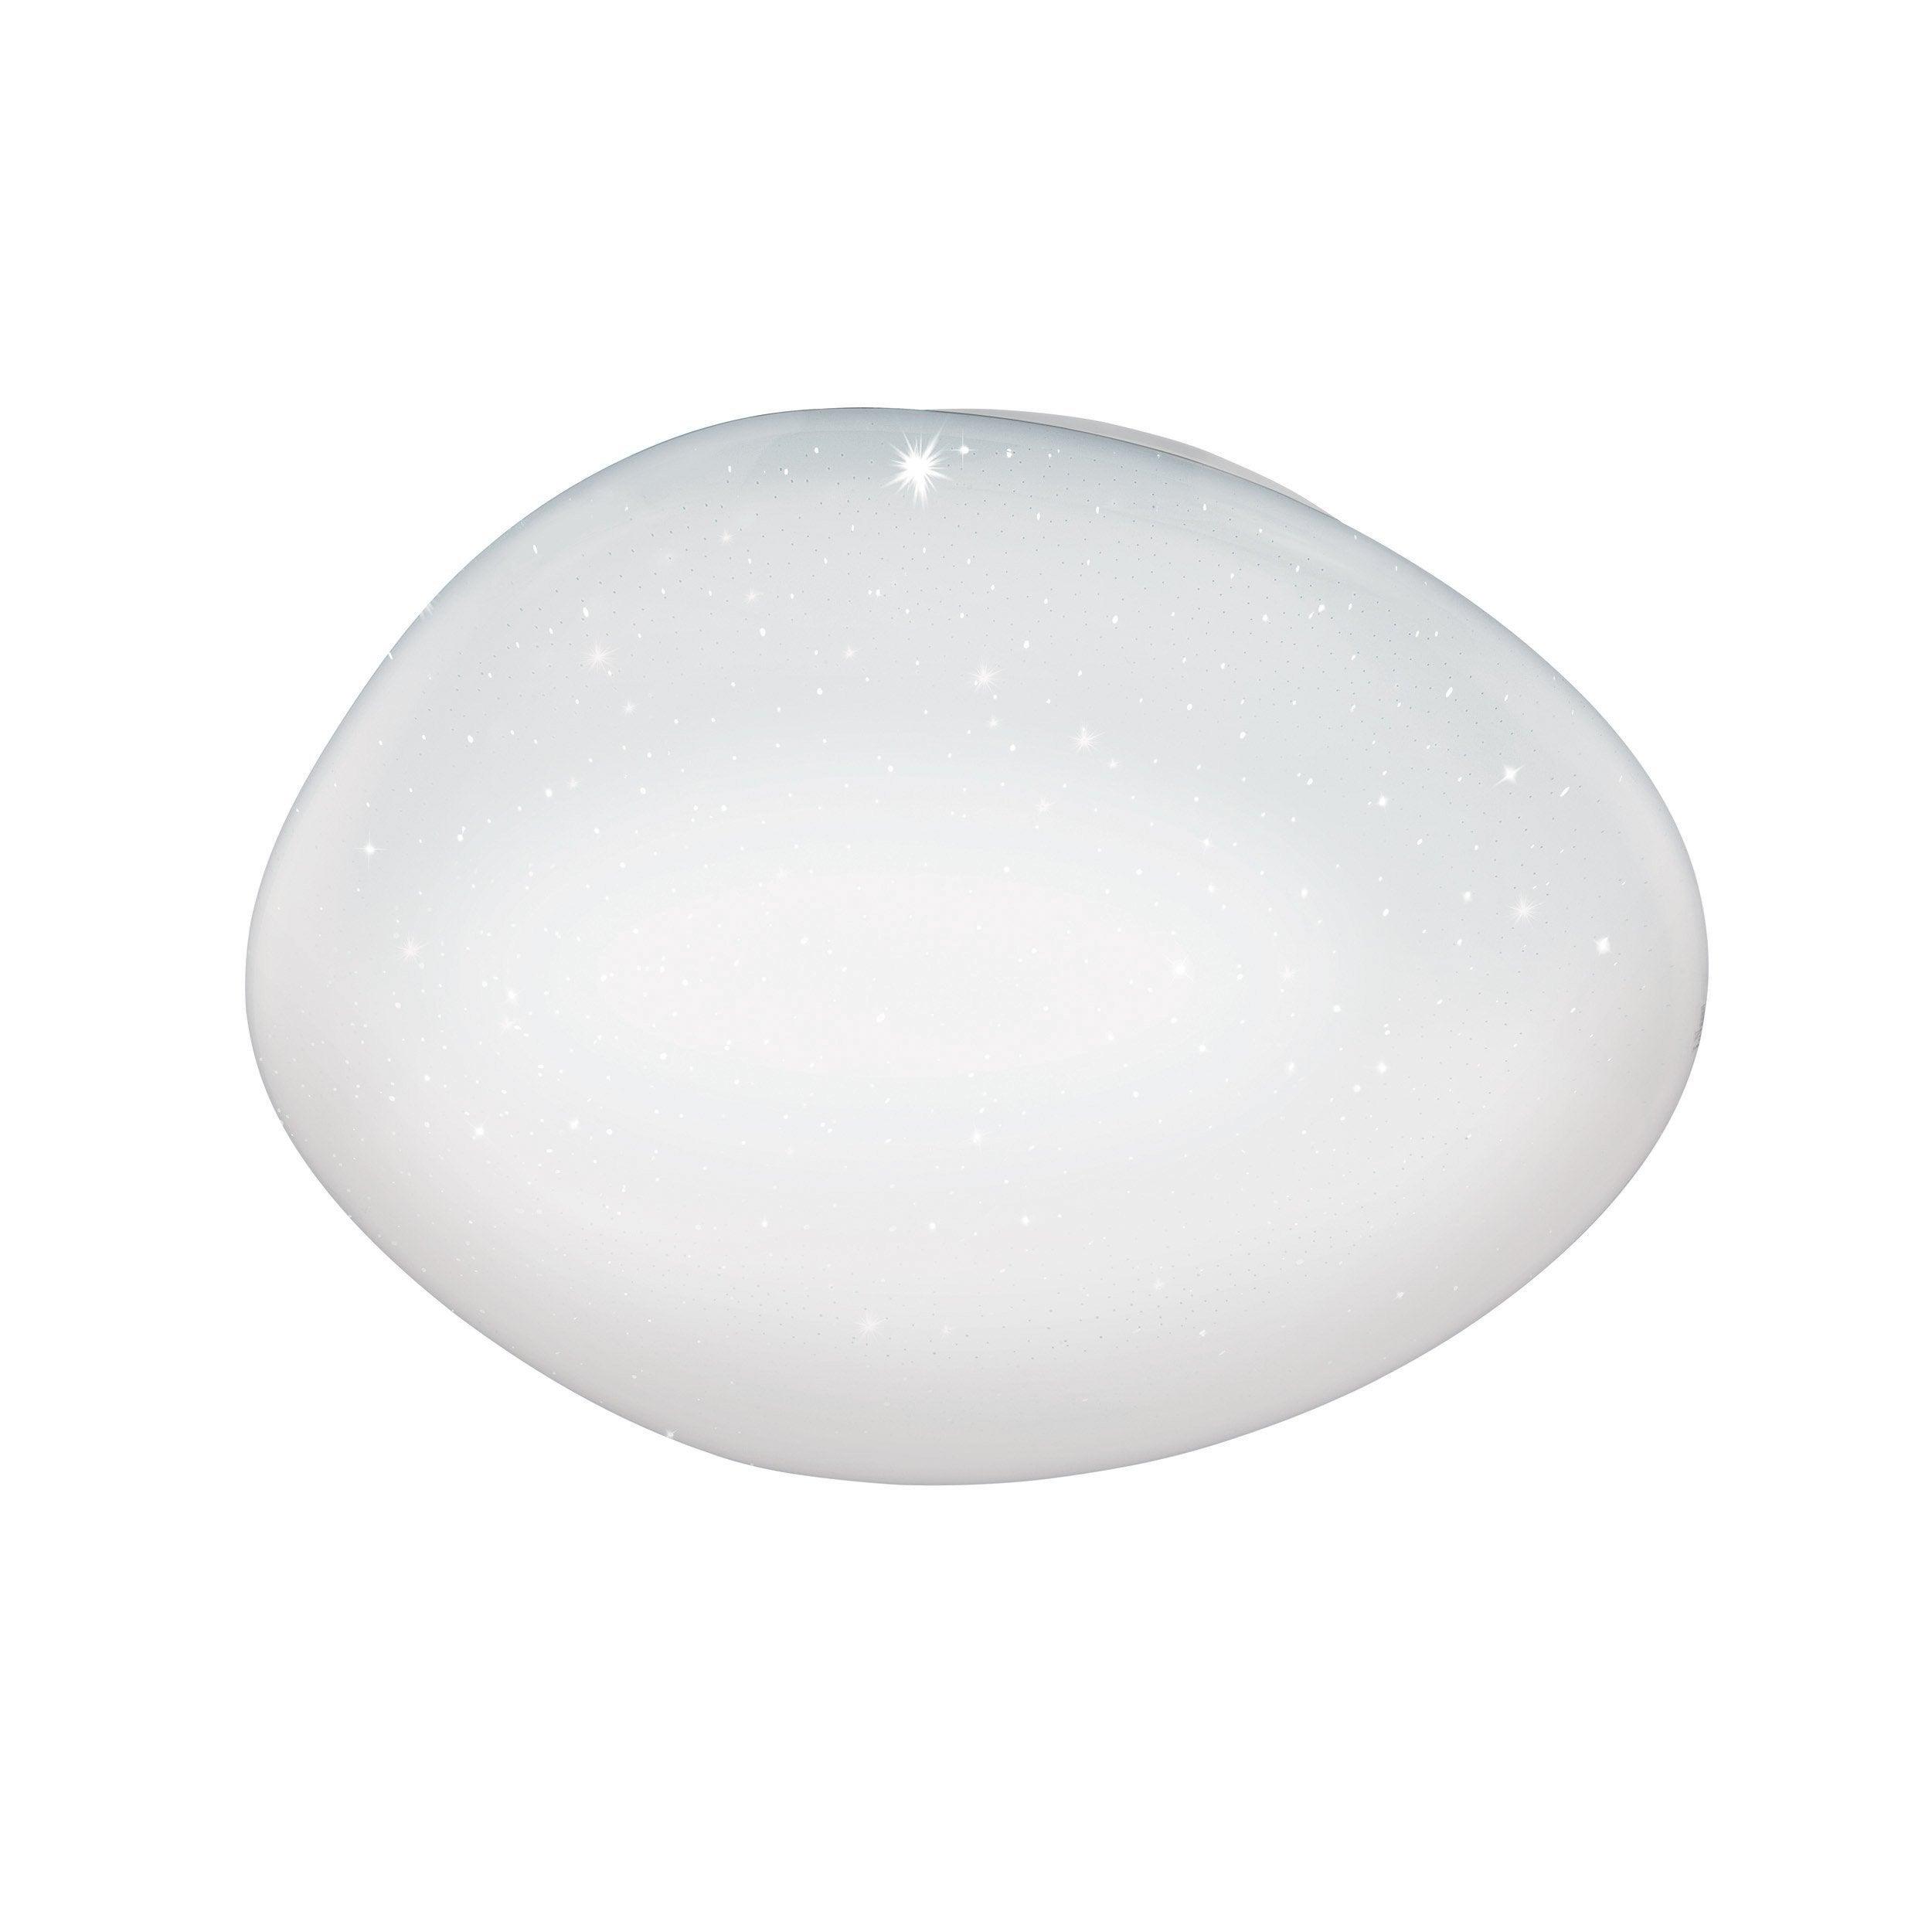 Plafonnier, classique plastique blanc led intégrée EGLO Sileras connect D.45 cm